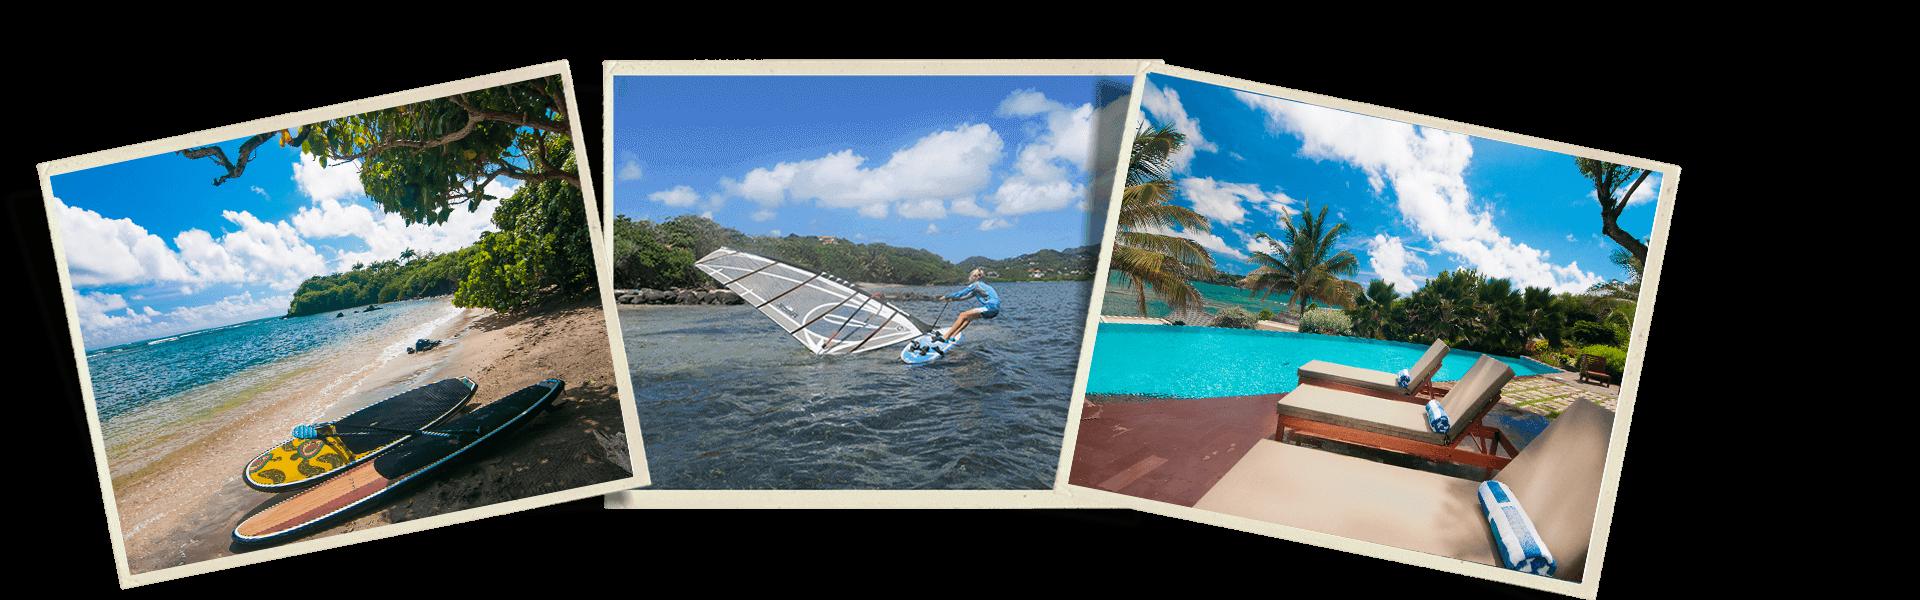 Top resorts in Grenada